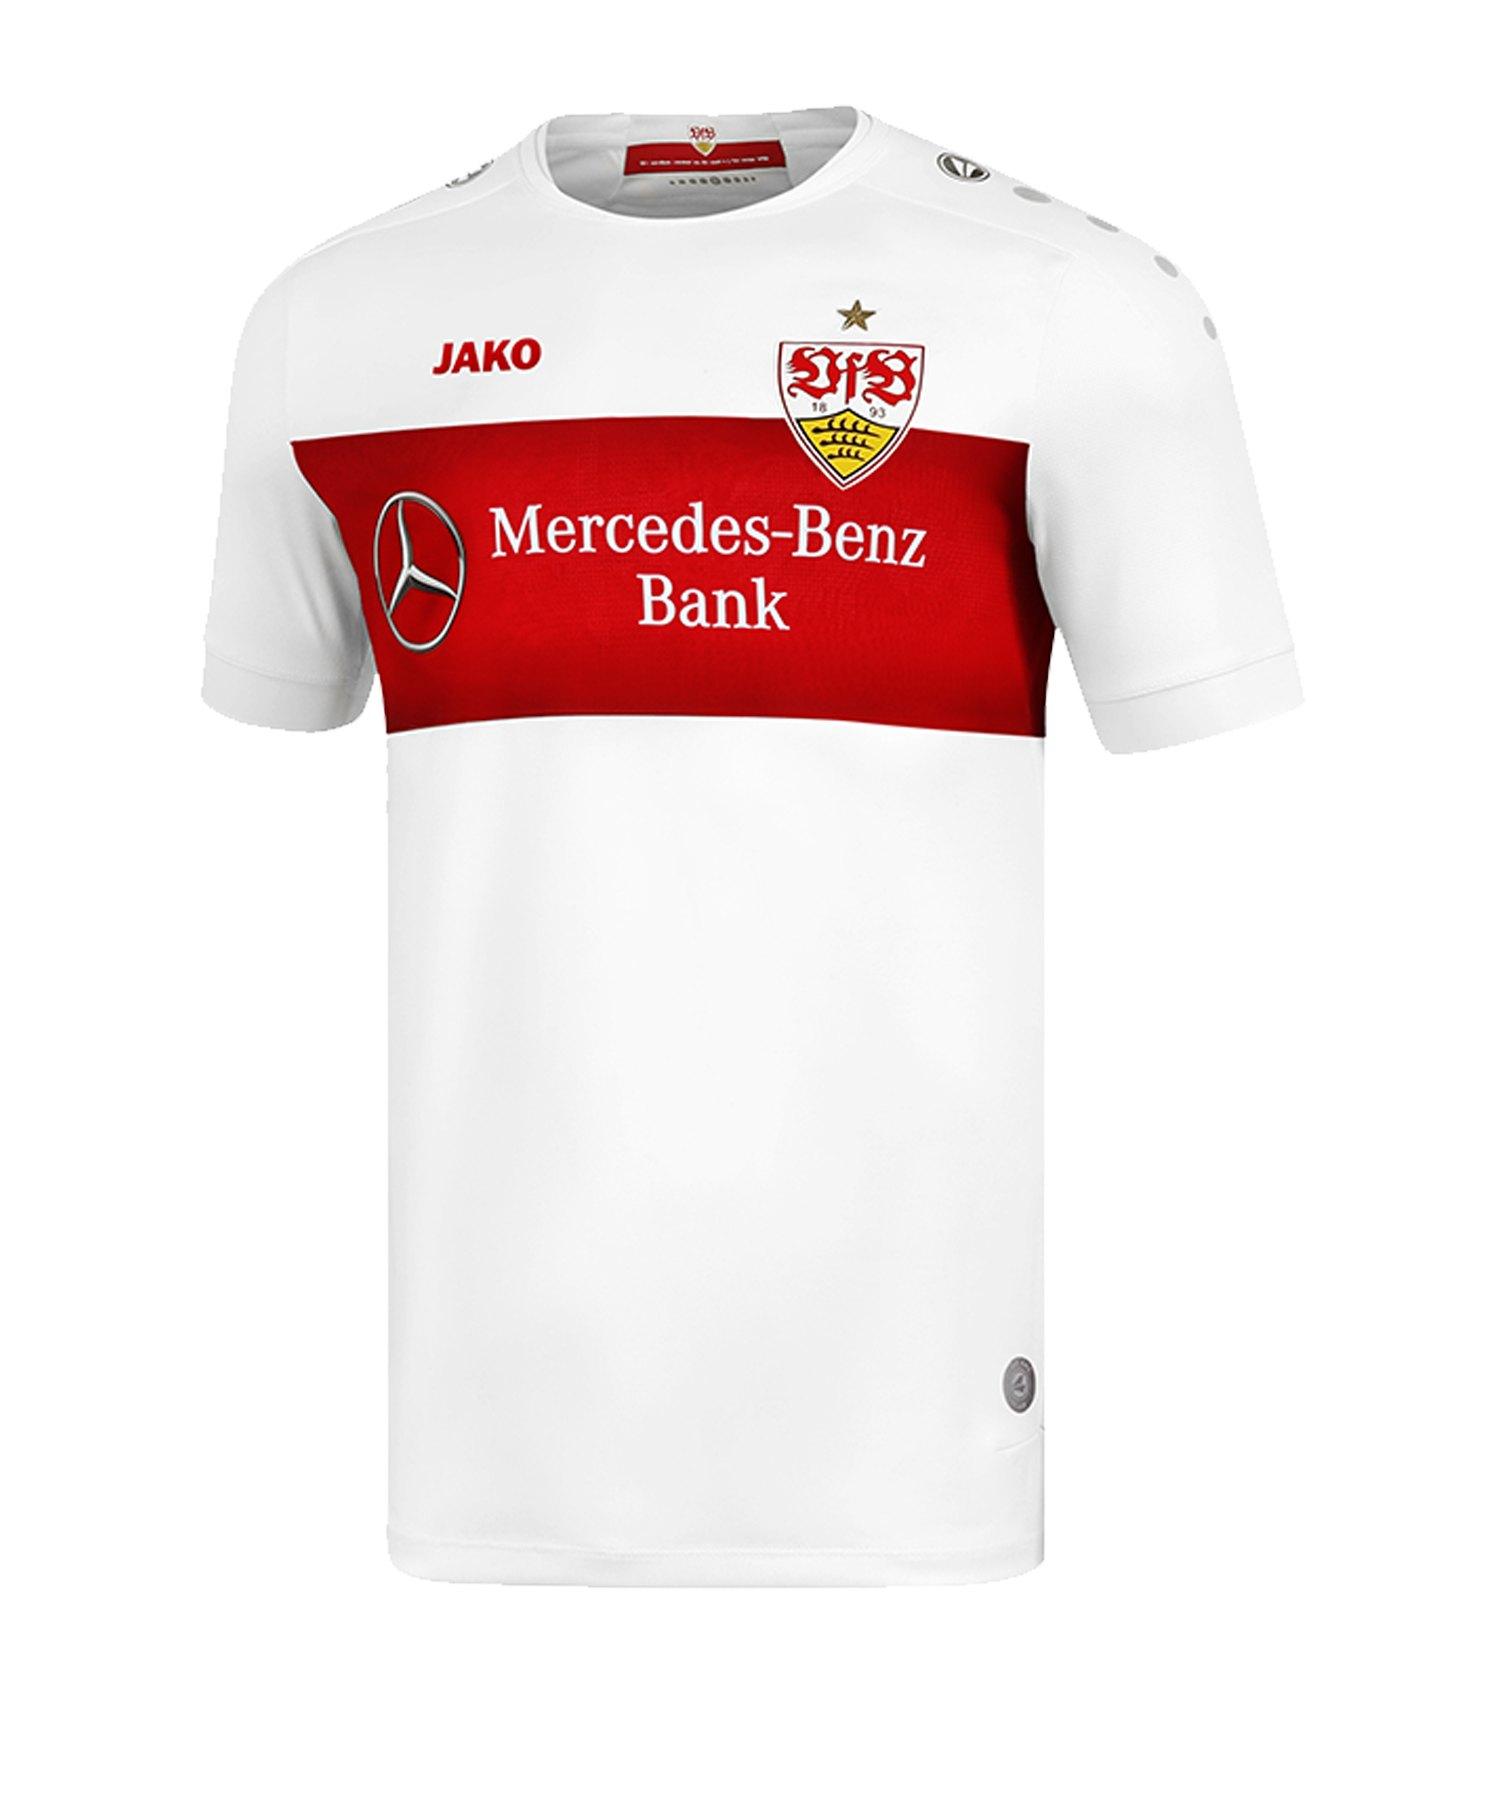 JAKO VfB Stuttgart Trikot Home 2019/2020 Weiss F00 - weiss